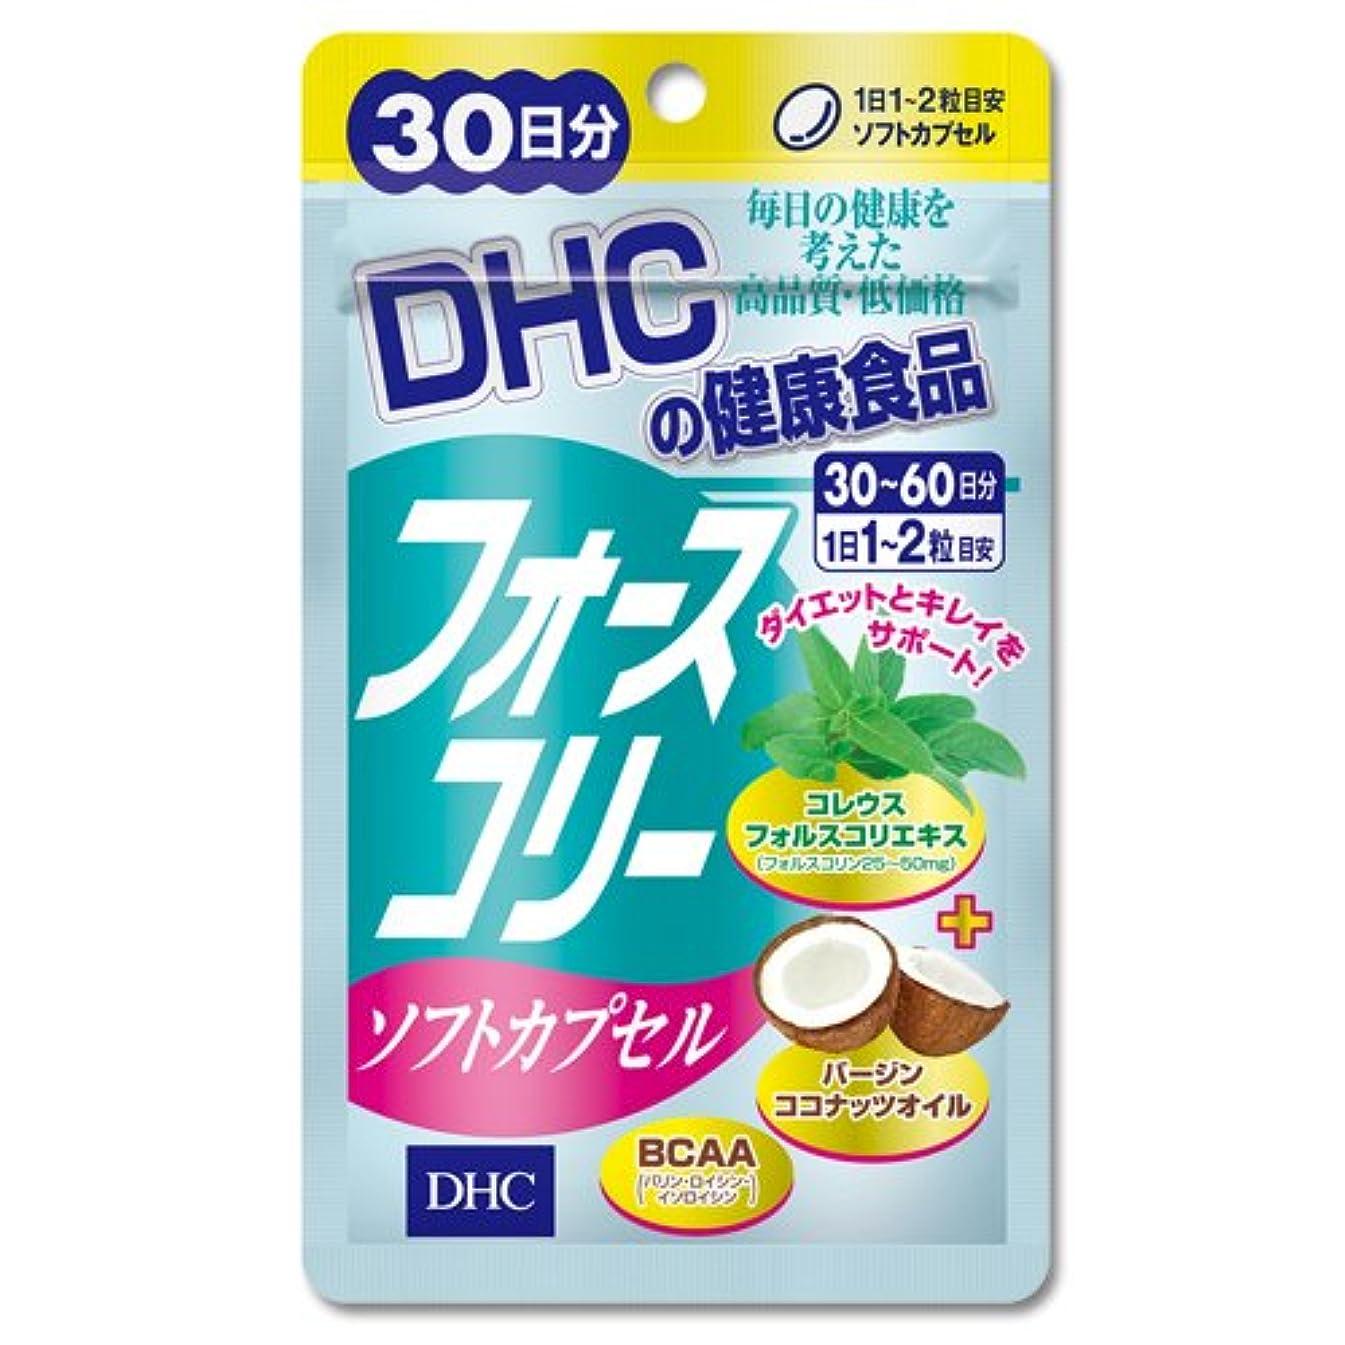 倒錯株式会社電化するDHC フォースコリー ソフトカプセル 30日分